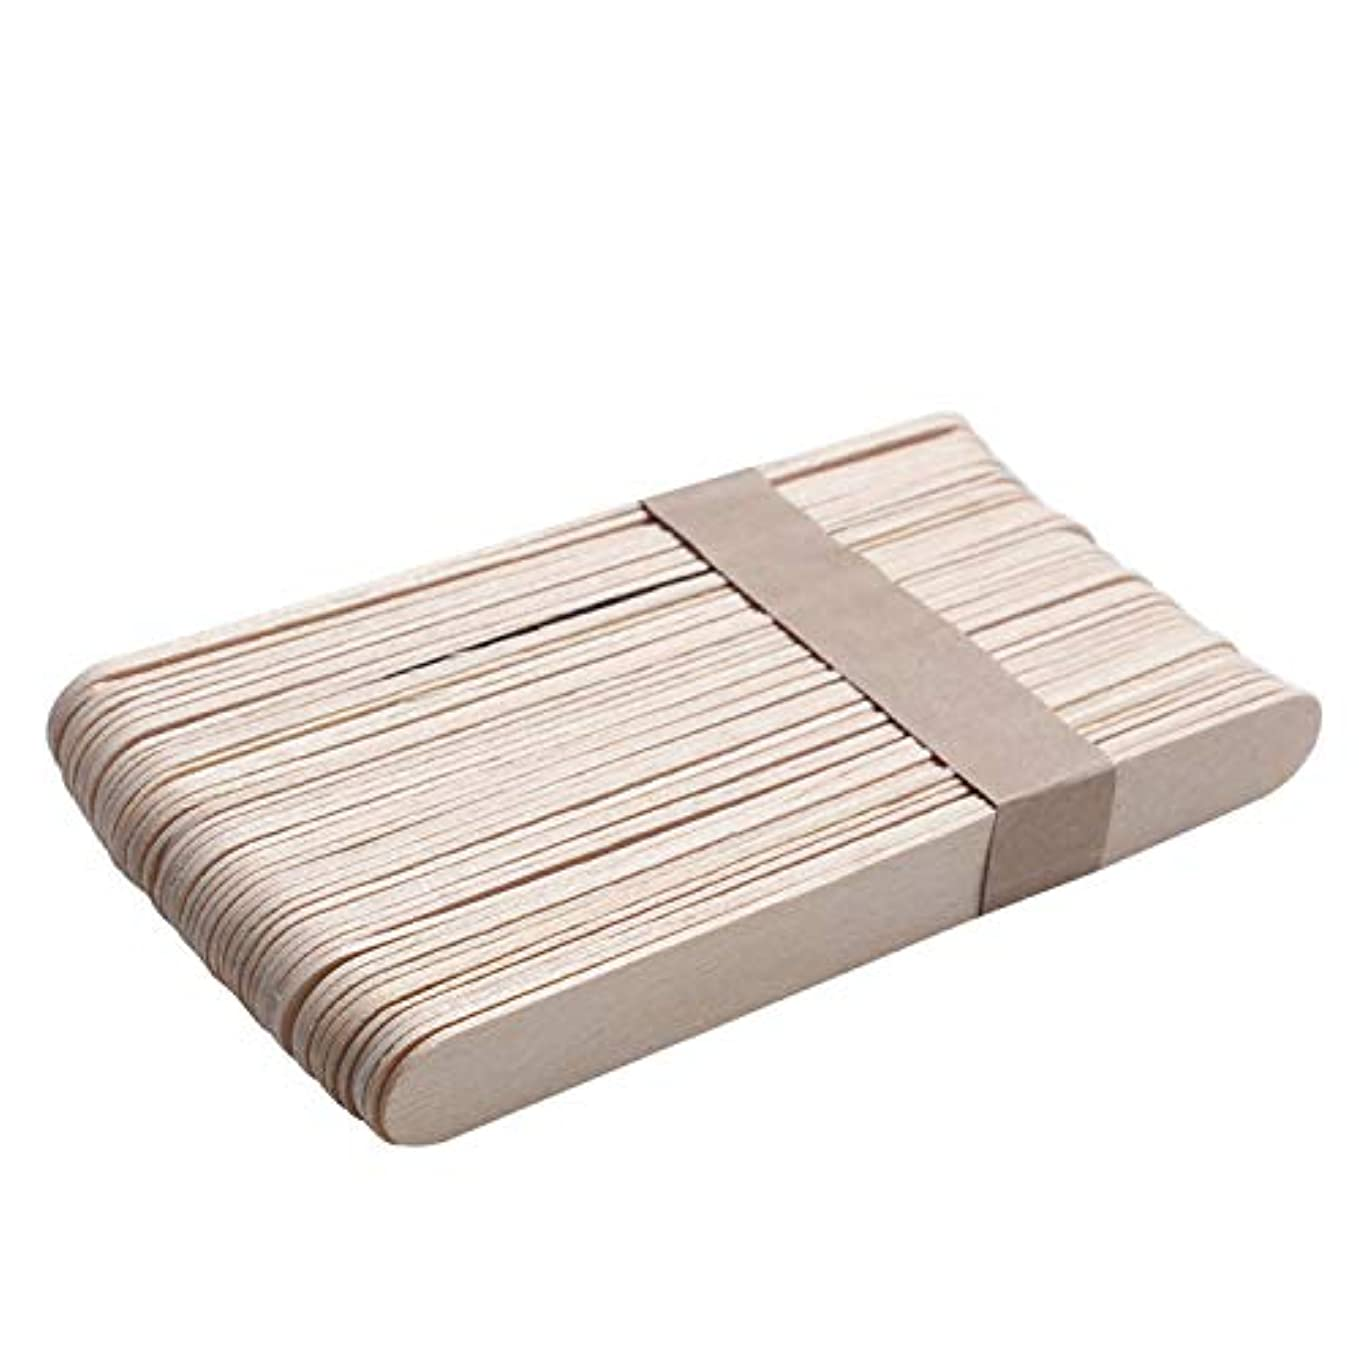 盆地あいさつ苦味Migavann 50ピース15センチ木製ワックススティック 使い捨て木製ワックスヘラワックスアプリケータdiyフェイシャルマスクスティック